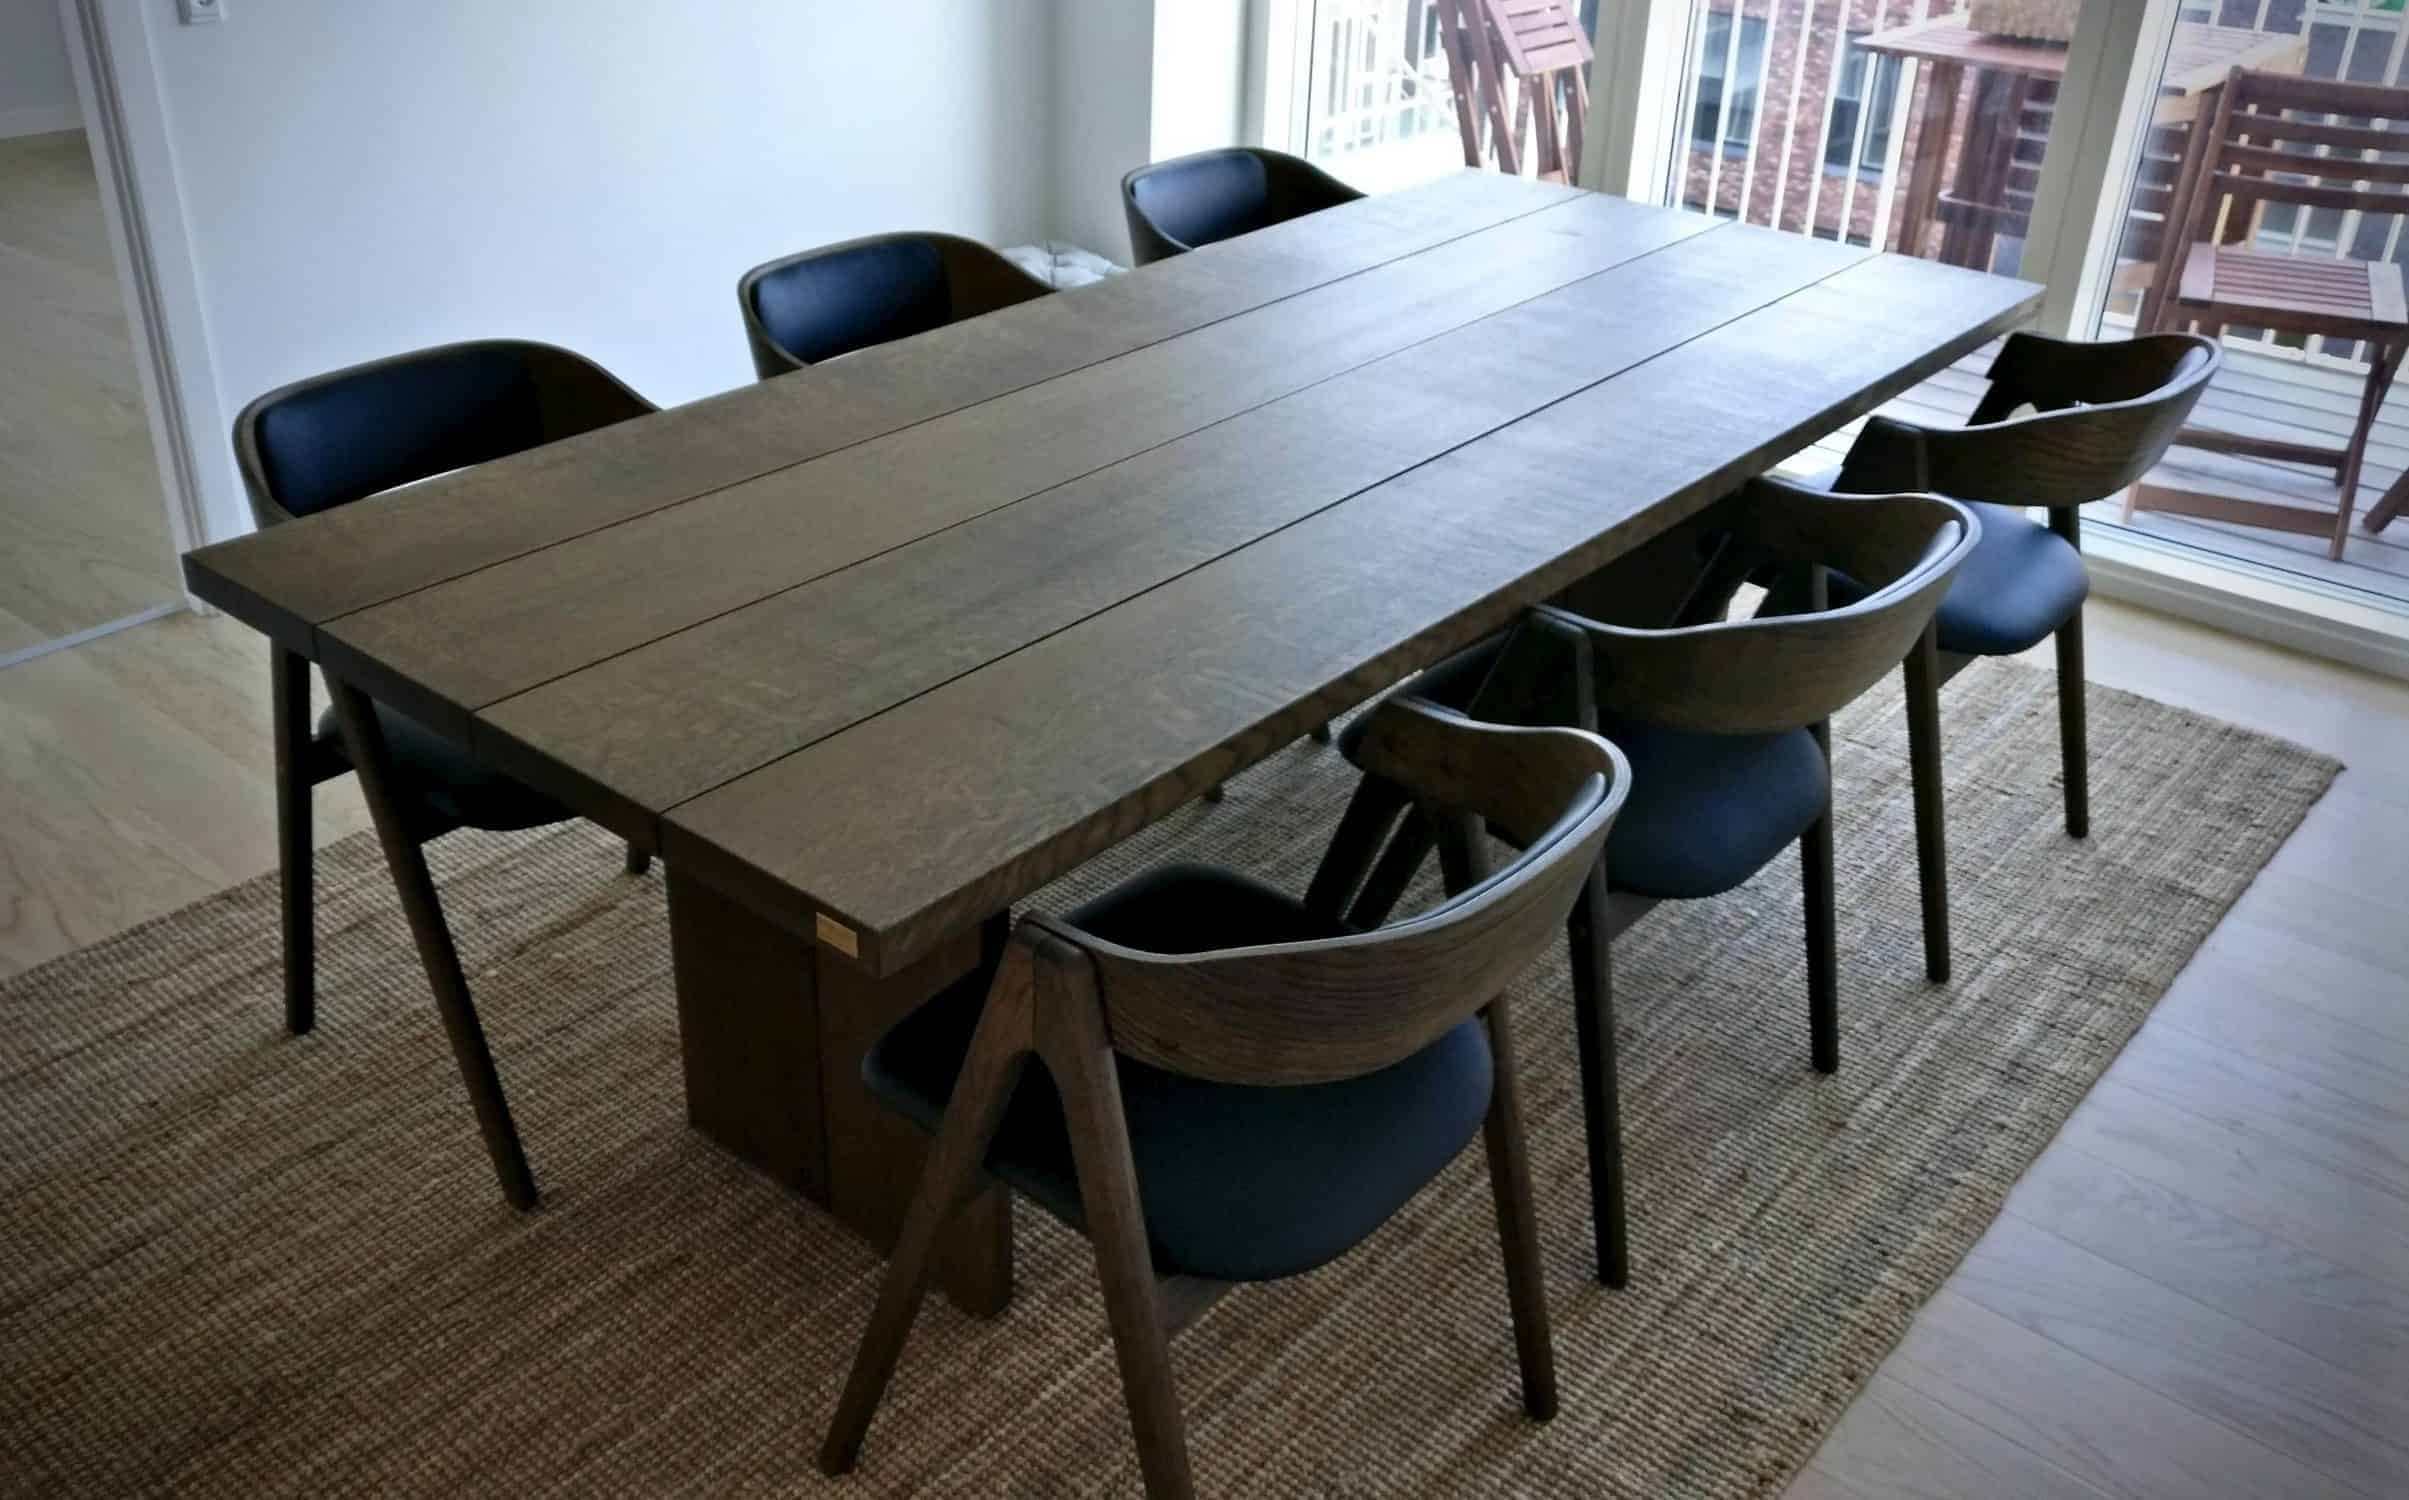 4 planke indoor indendoers mette spisebordsstol 4 1 scaled